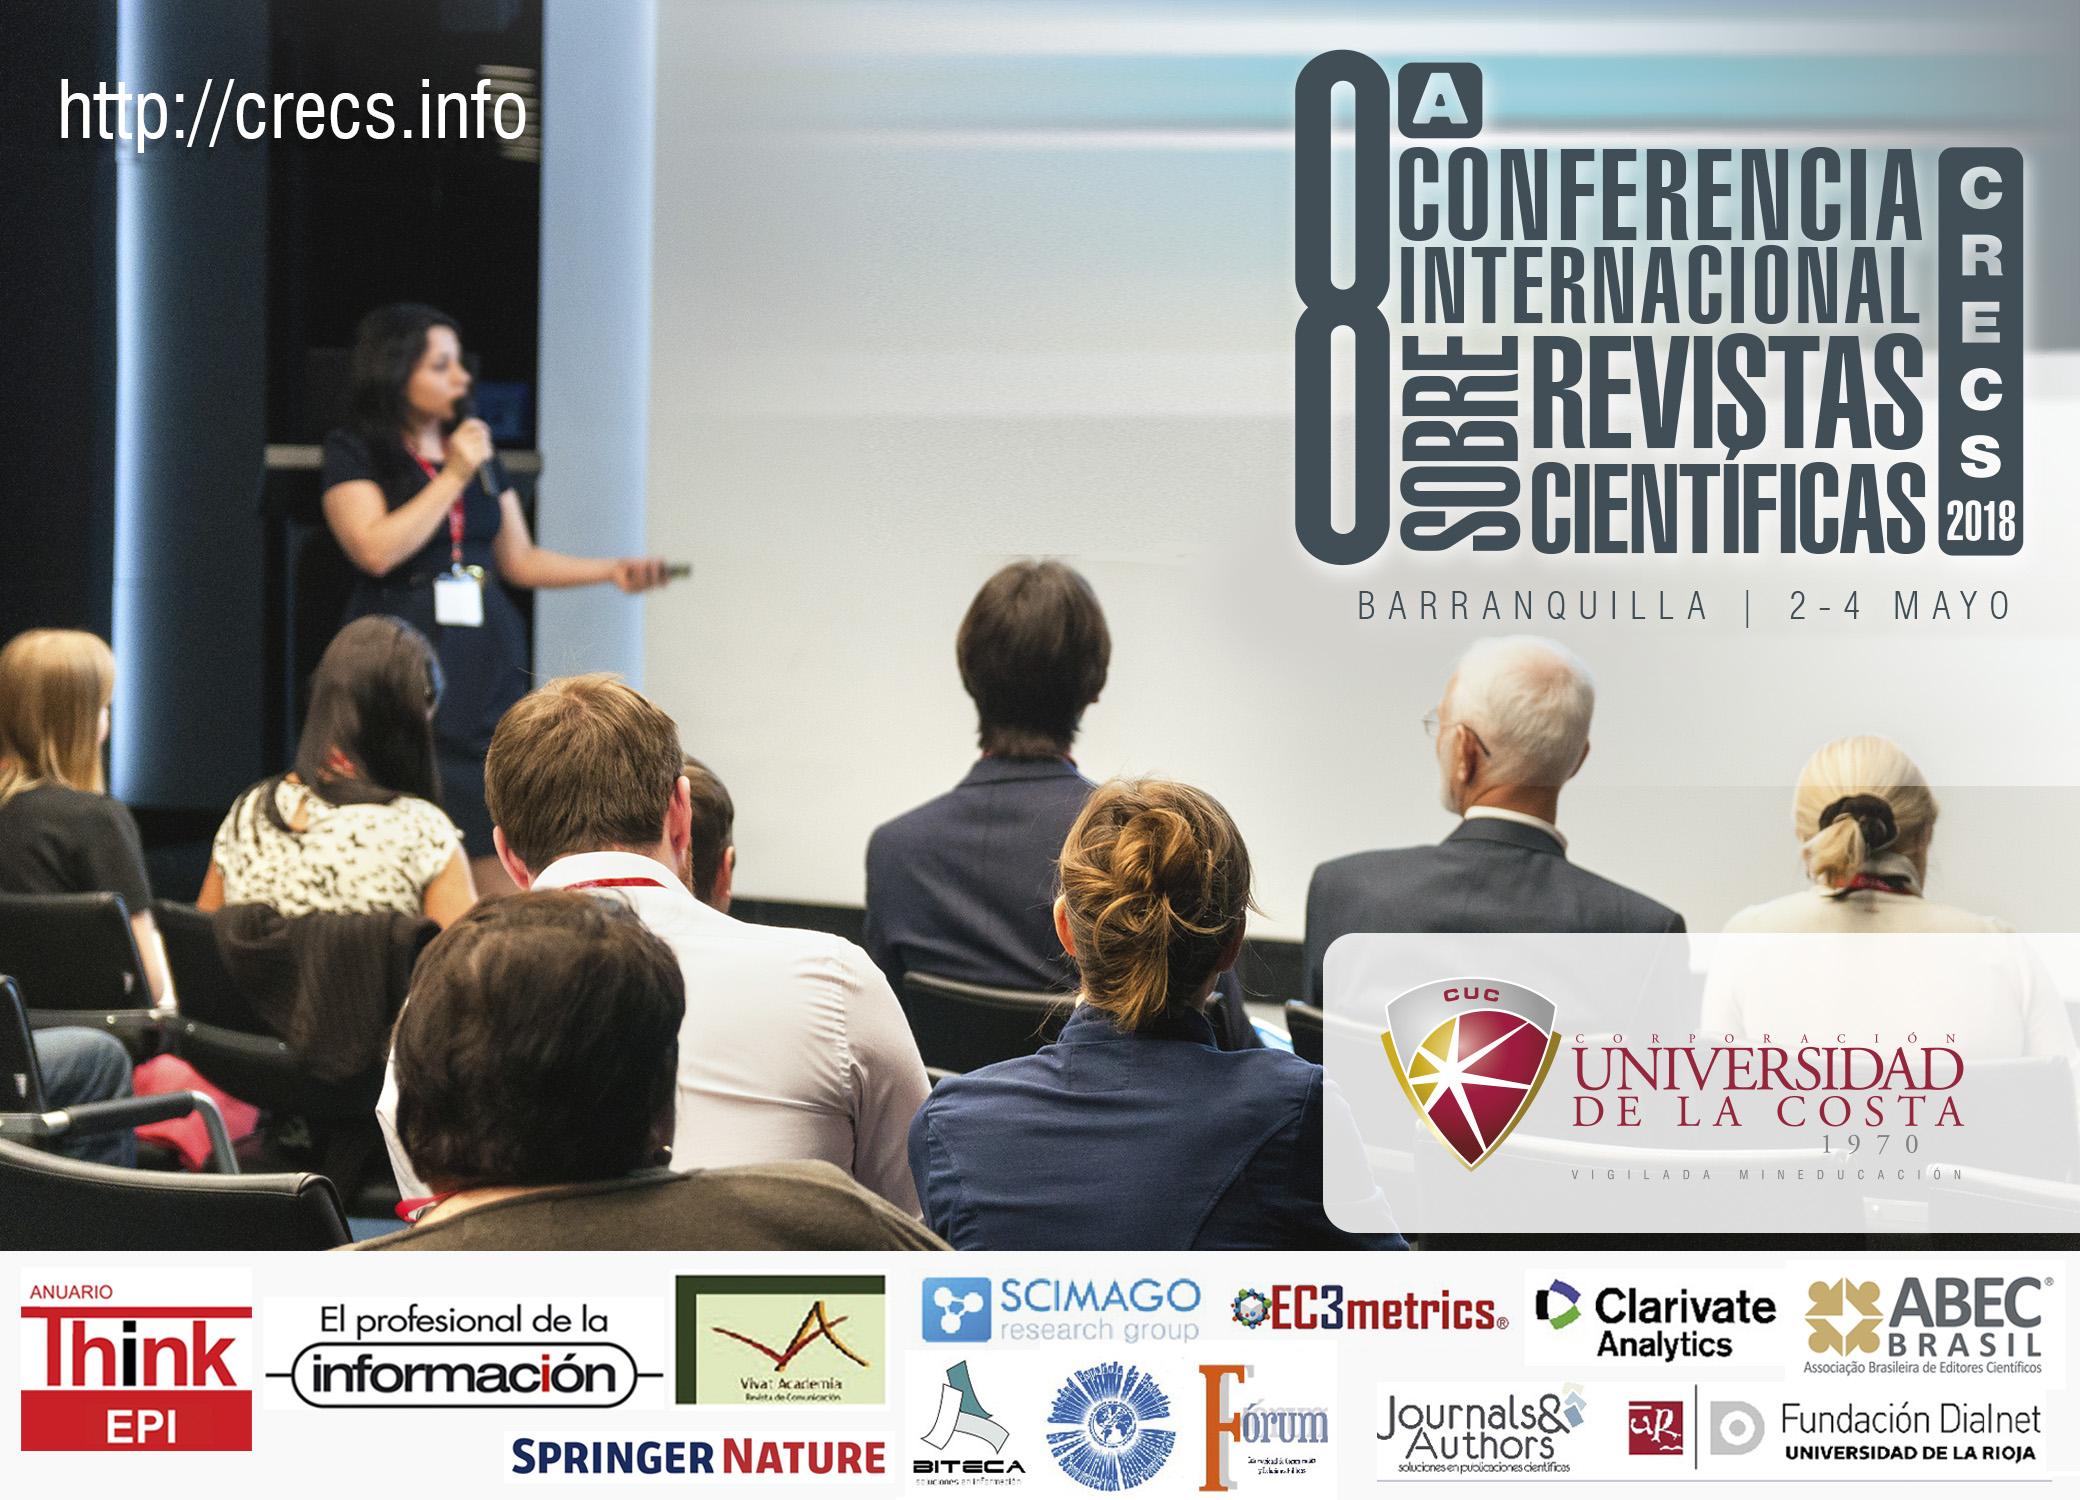 conferencia internacional crecs cuc 2018 1409978218